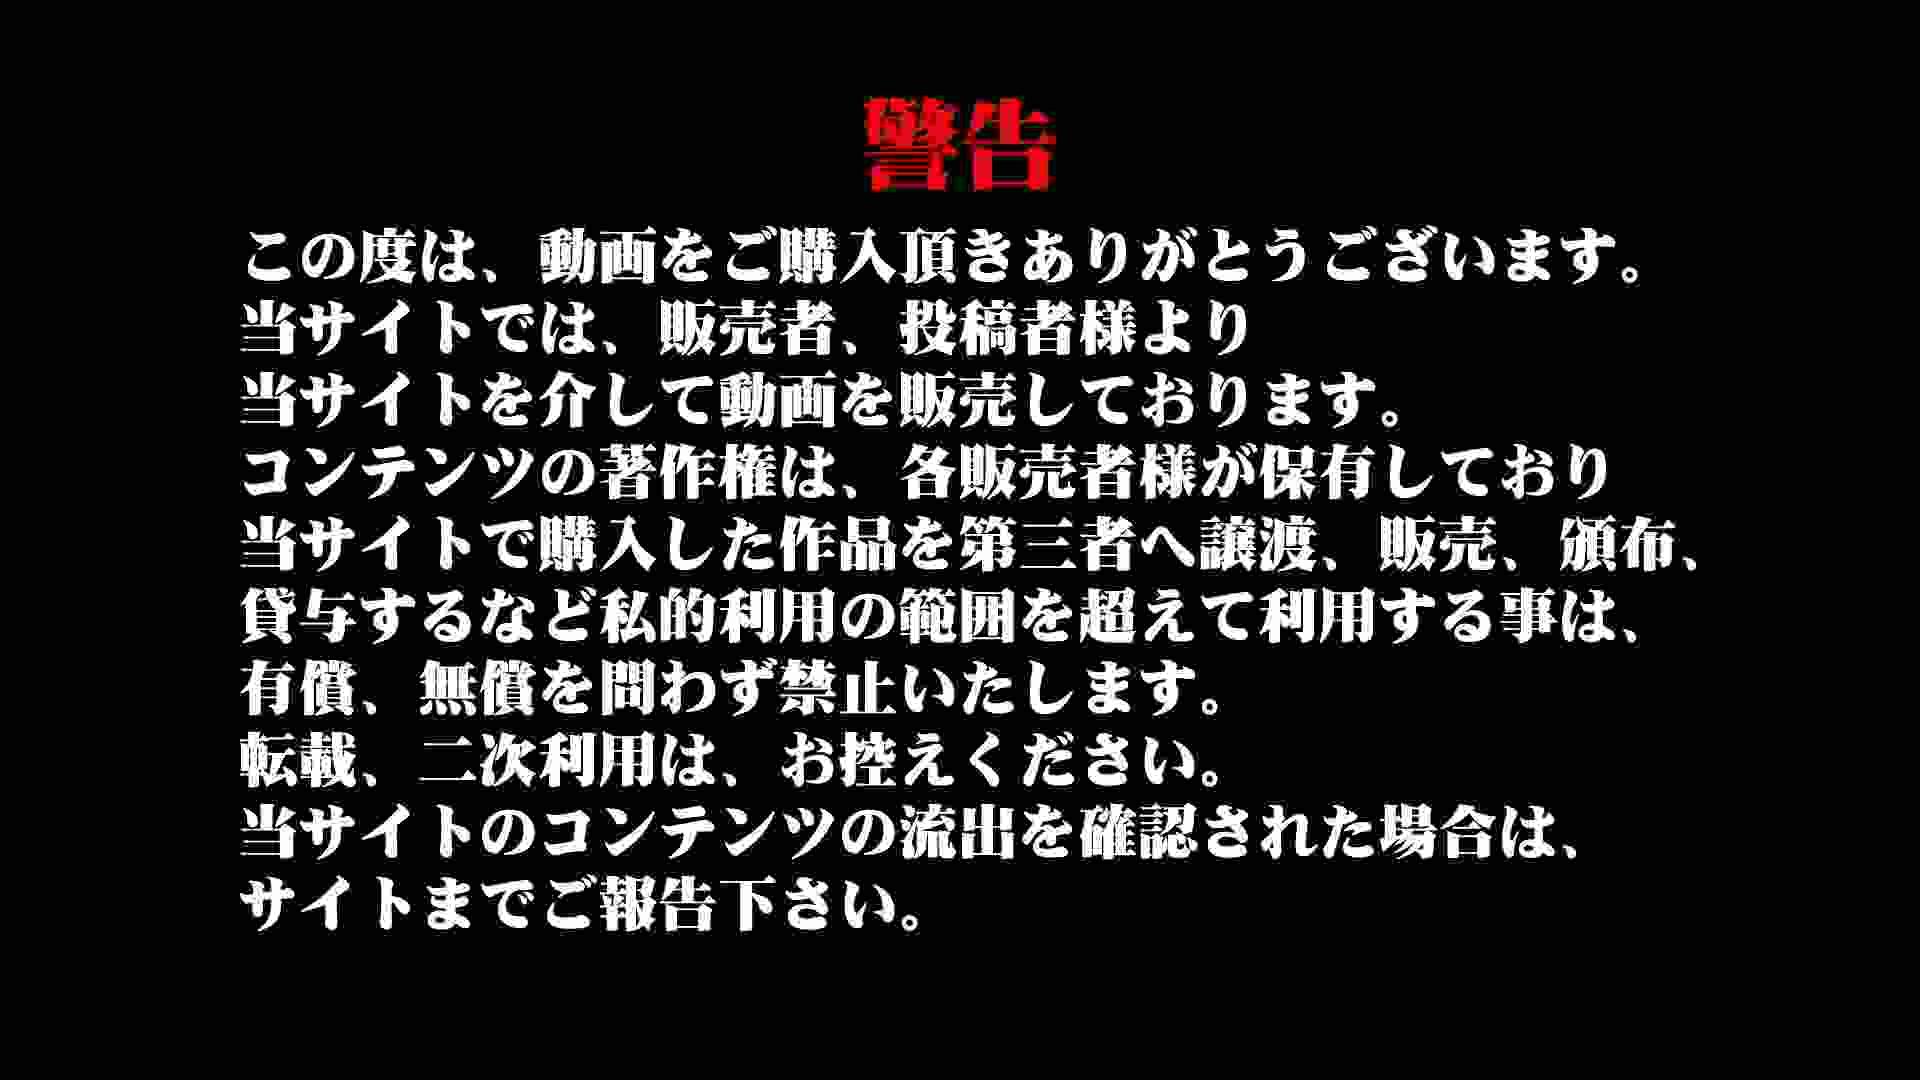 レースクィーントイレ盗撮!Vol.02 盗撮 | 便器  83枚 1